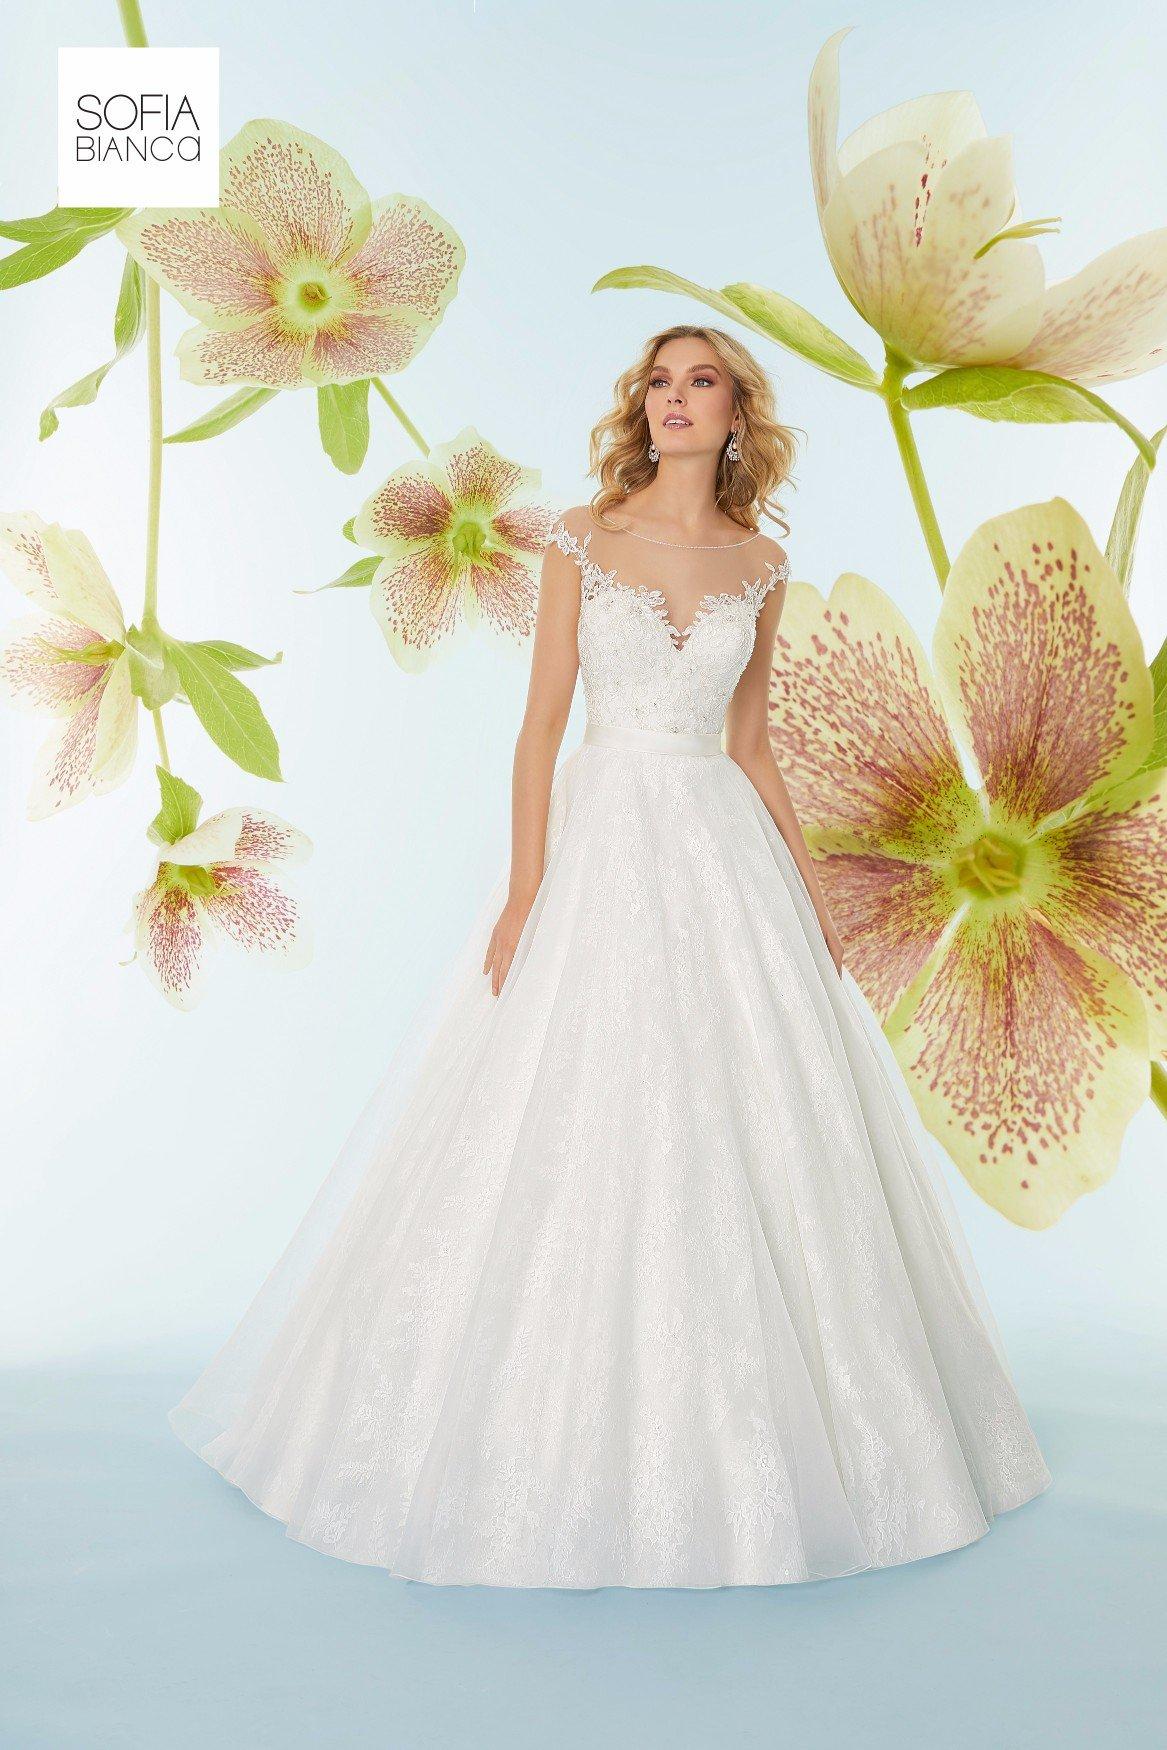 Abito da sposa elegante realizzato su misura